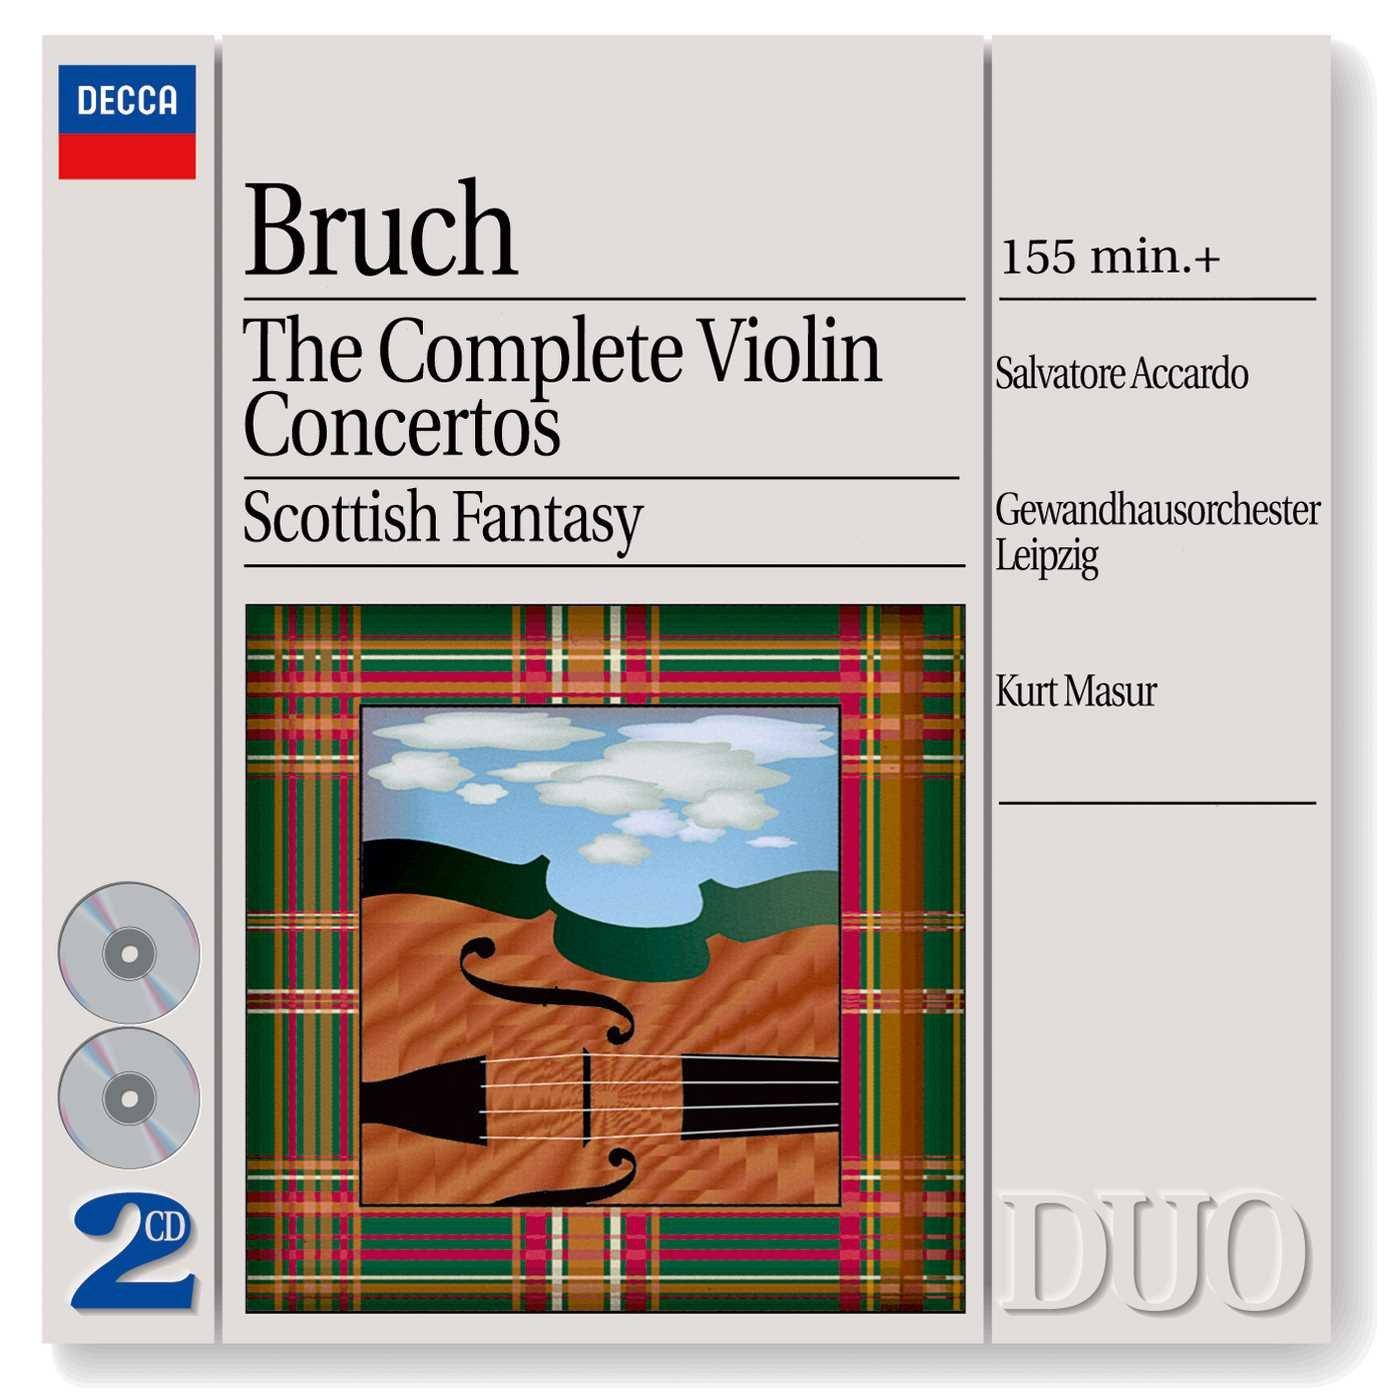 Bruch: Complete Violin Concertos / Scottish Fantasy by DUO,DECCA,ROMANTICO,